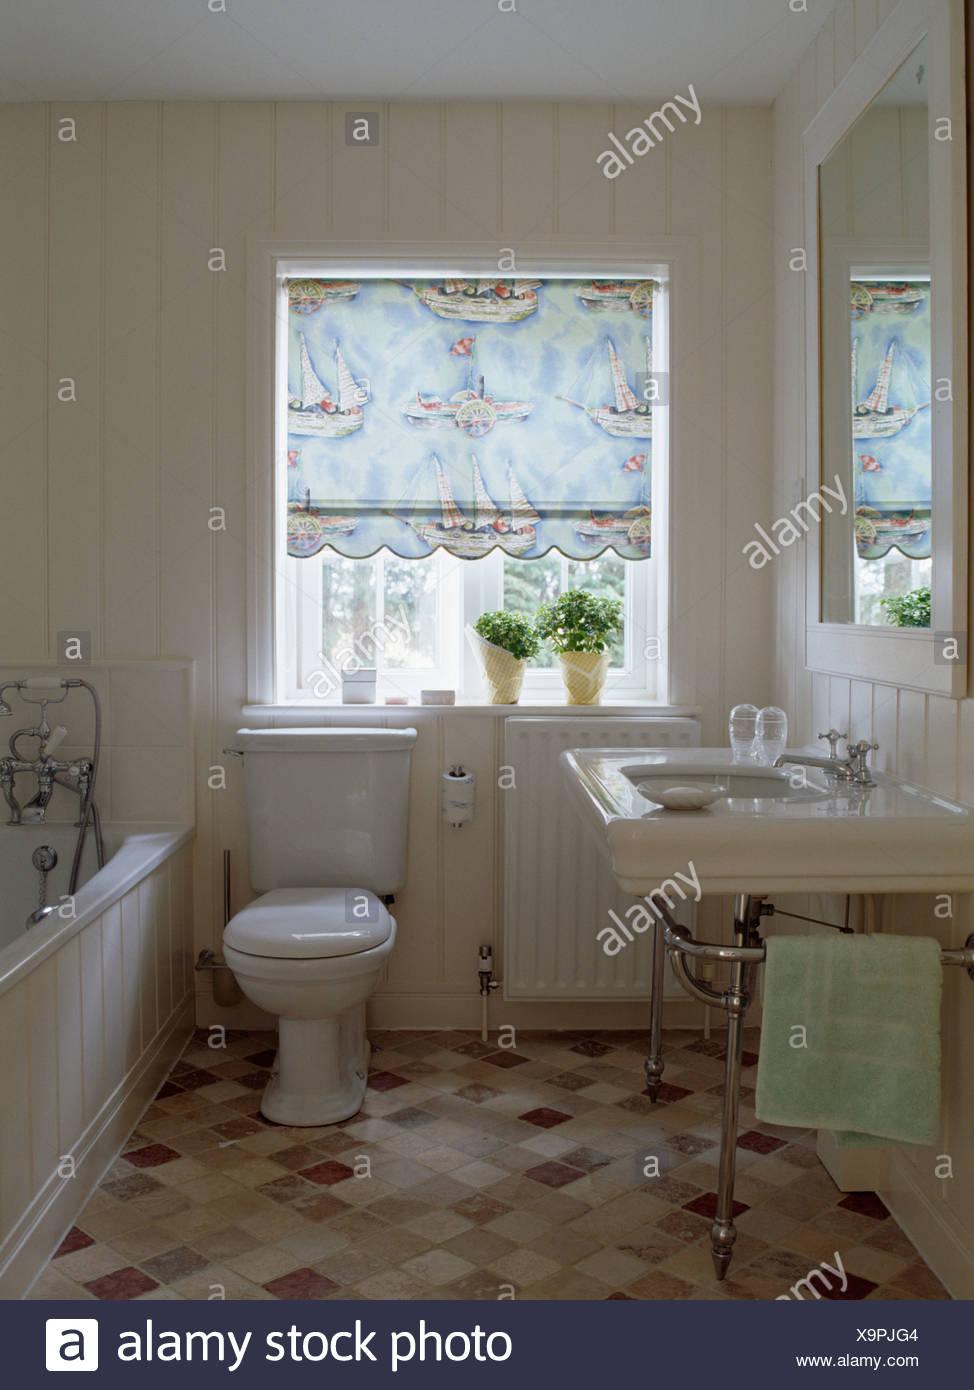 Bad rollo top bad fenster rollo bei vertikalen jalousien kannen entweder einfarbig oder mit - Rollo badezimmer ...